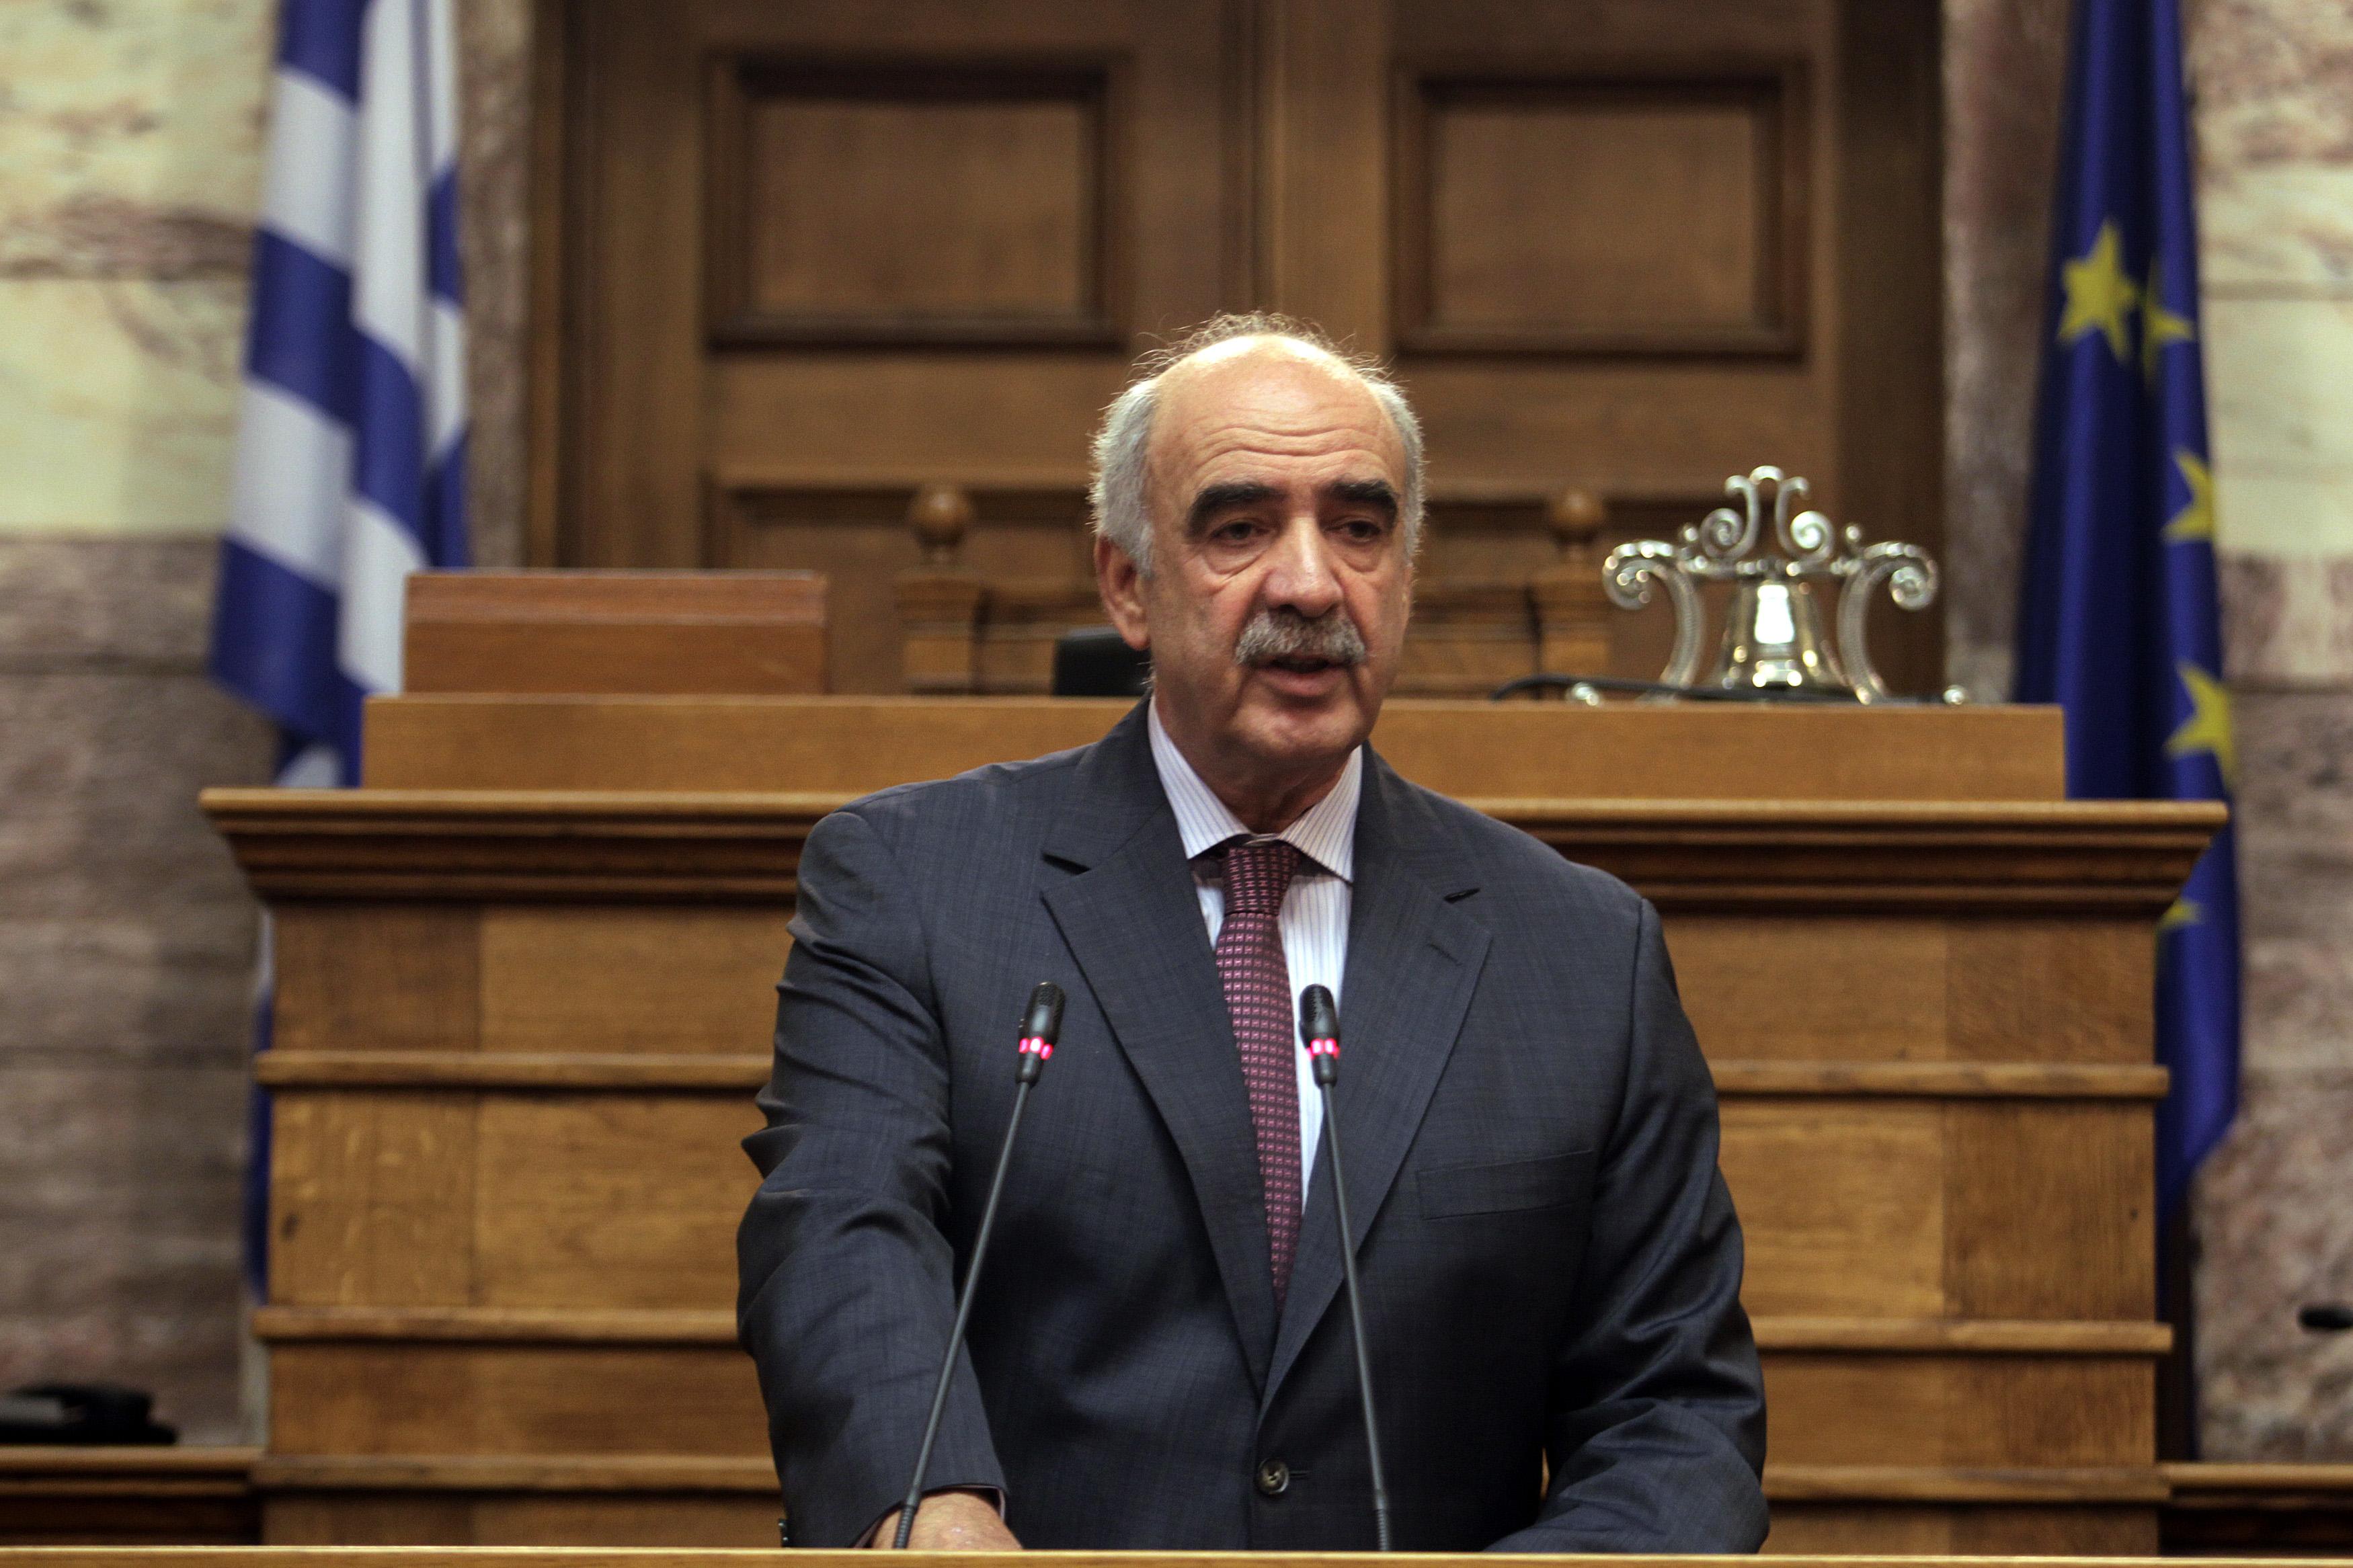 Μεϊμαράκης στη Βουλή: Οχι στη ψήφο εμπιστοσύνης της κυβέρνησης Τσίπρα – Καμμένου | tovima.gr